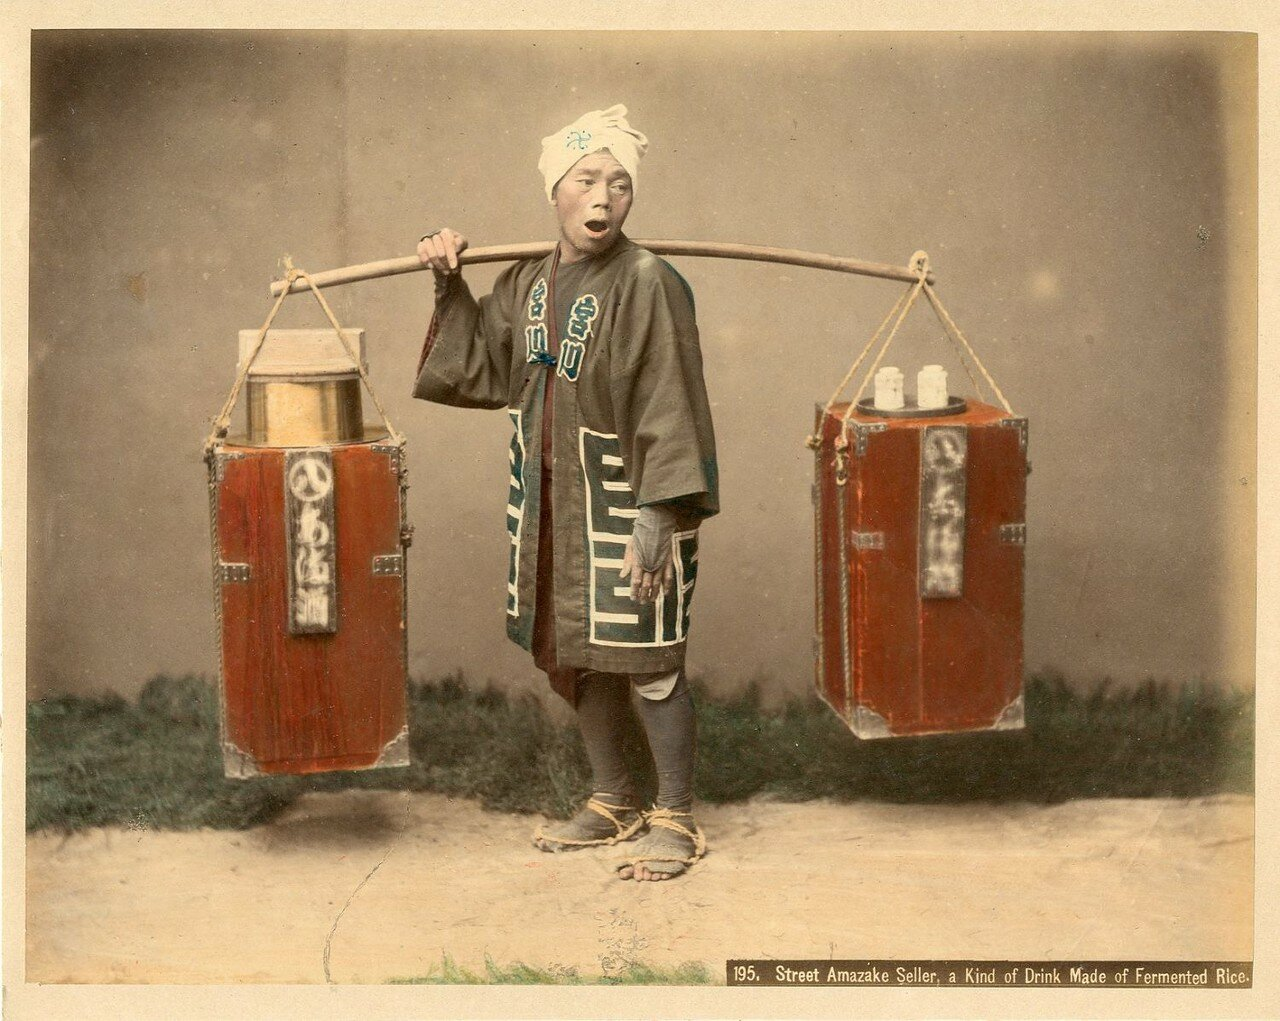 Уличный торговец амазаке